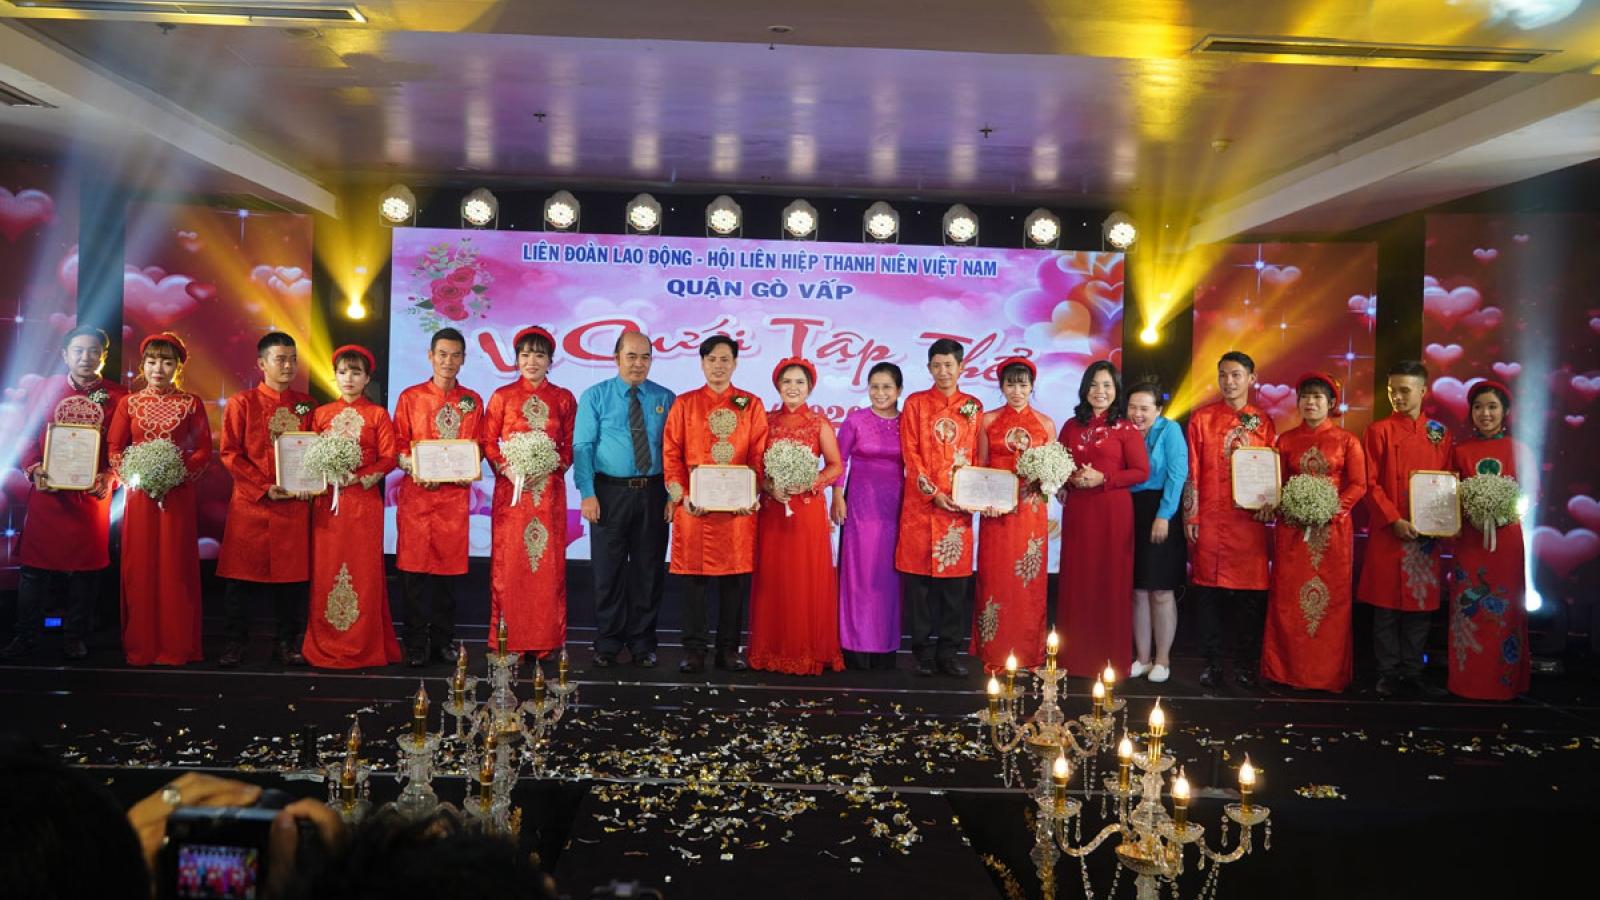 Xúc động lễ cưới tập thể 7 cặp đôi công nhân lao động